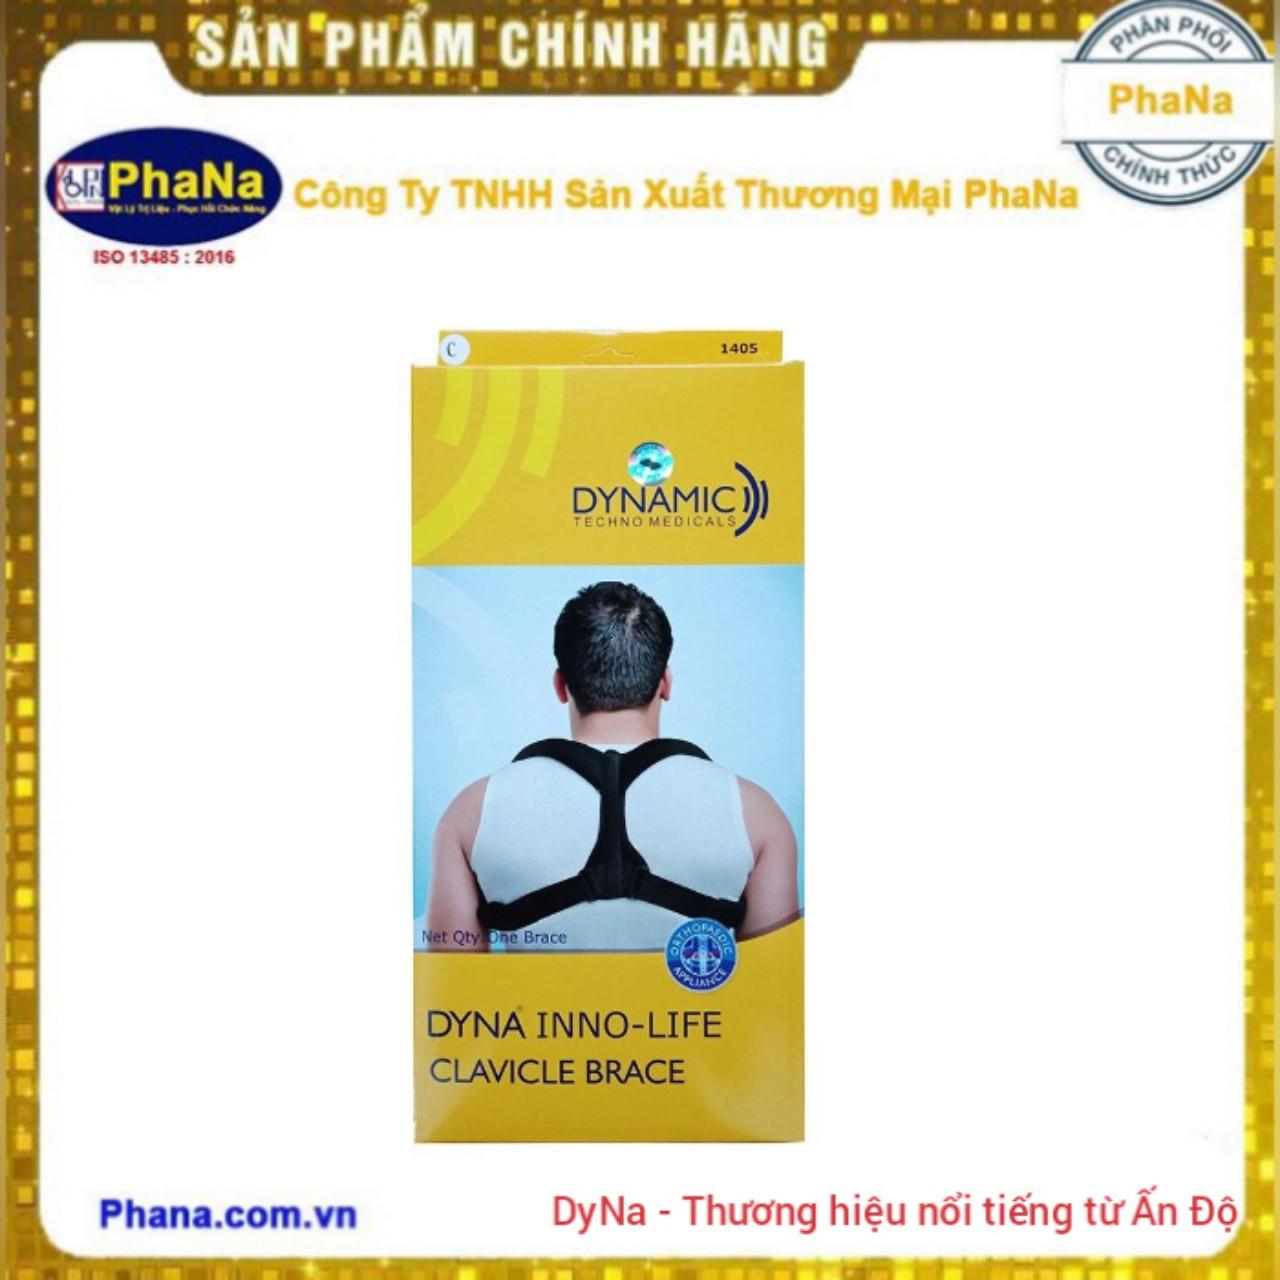 Đai chống gù chính hãng Dyna Inno-Life - 1405 (Hàng nhập Ấn Độ)